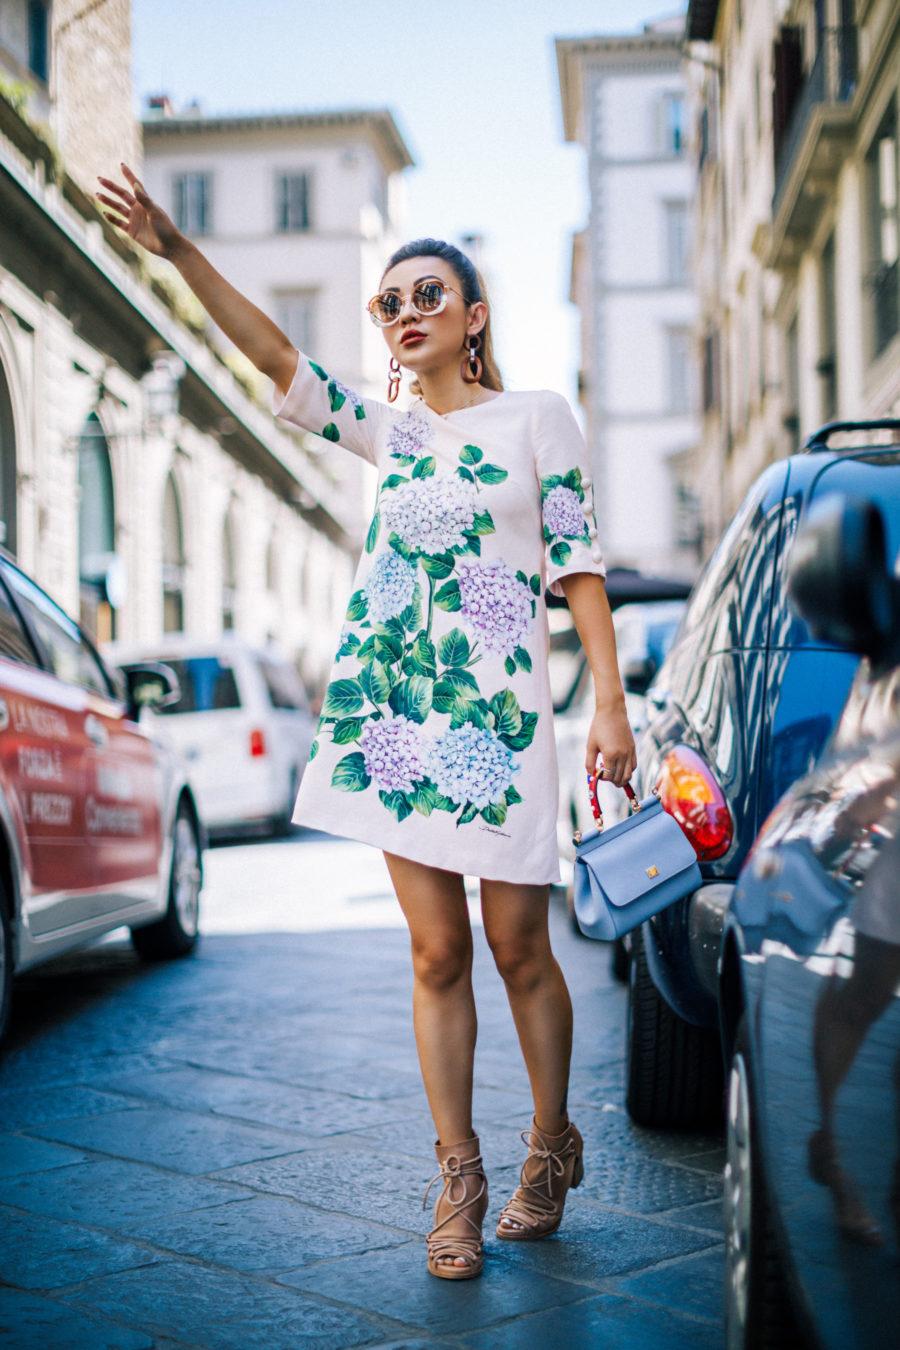 Dolce & Gabbana Hydrangea Shift Dress // NotJessFashion.com